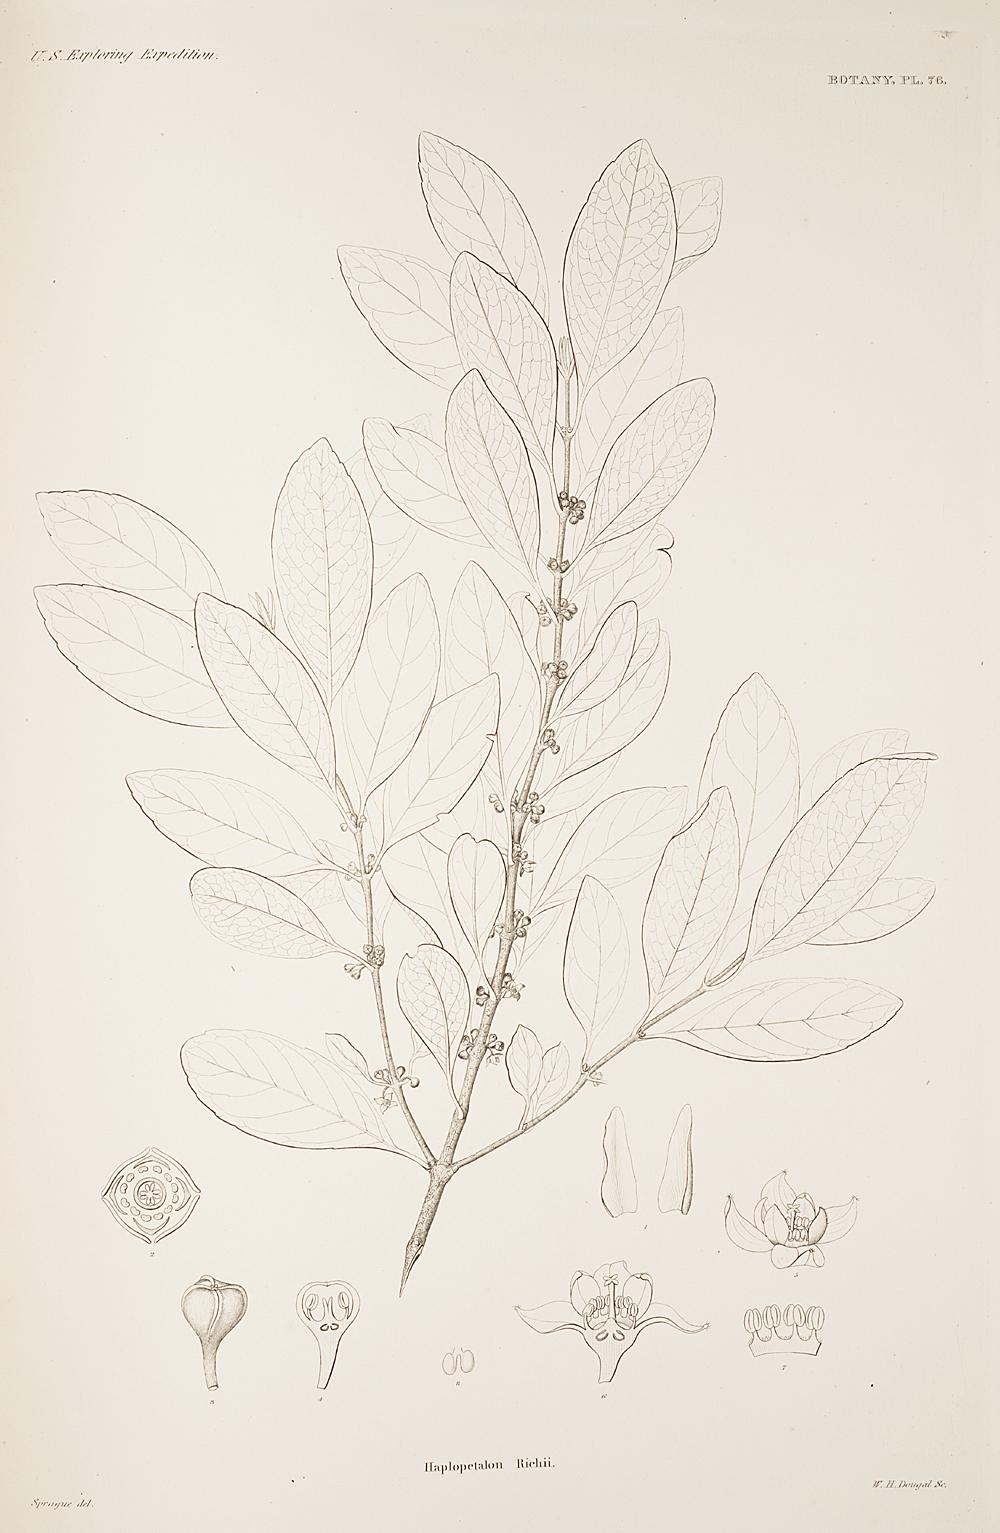 Botany, Pl. 76,  Image number:sil19-23-163b